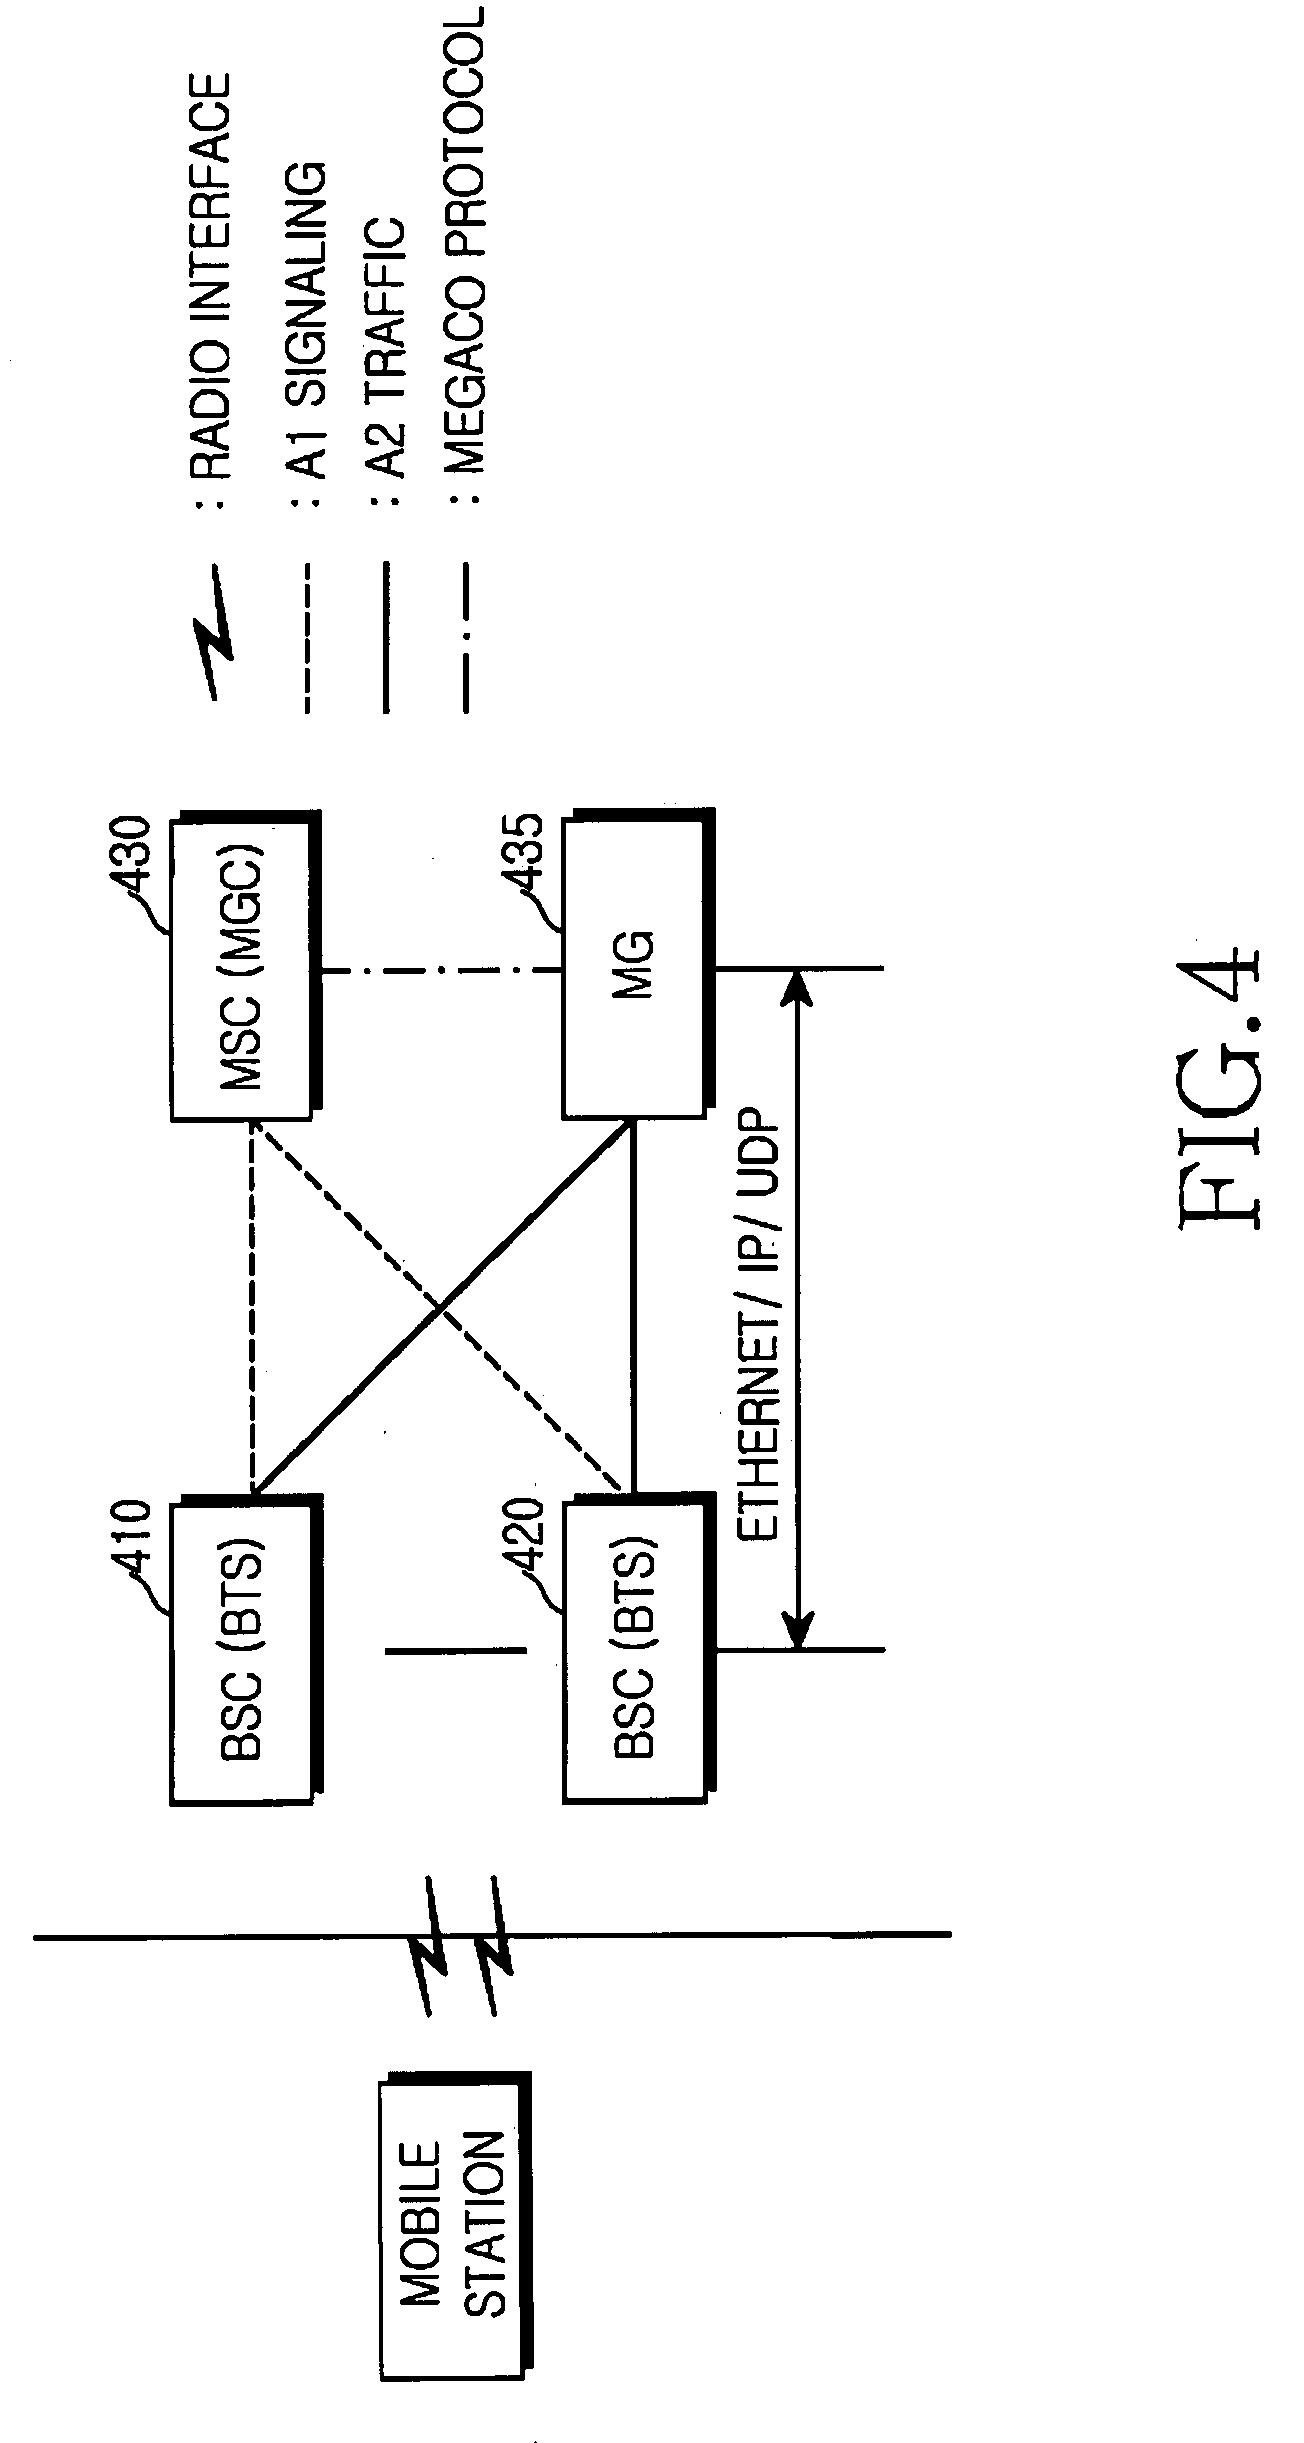 patent us7801147